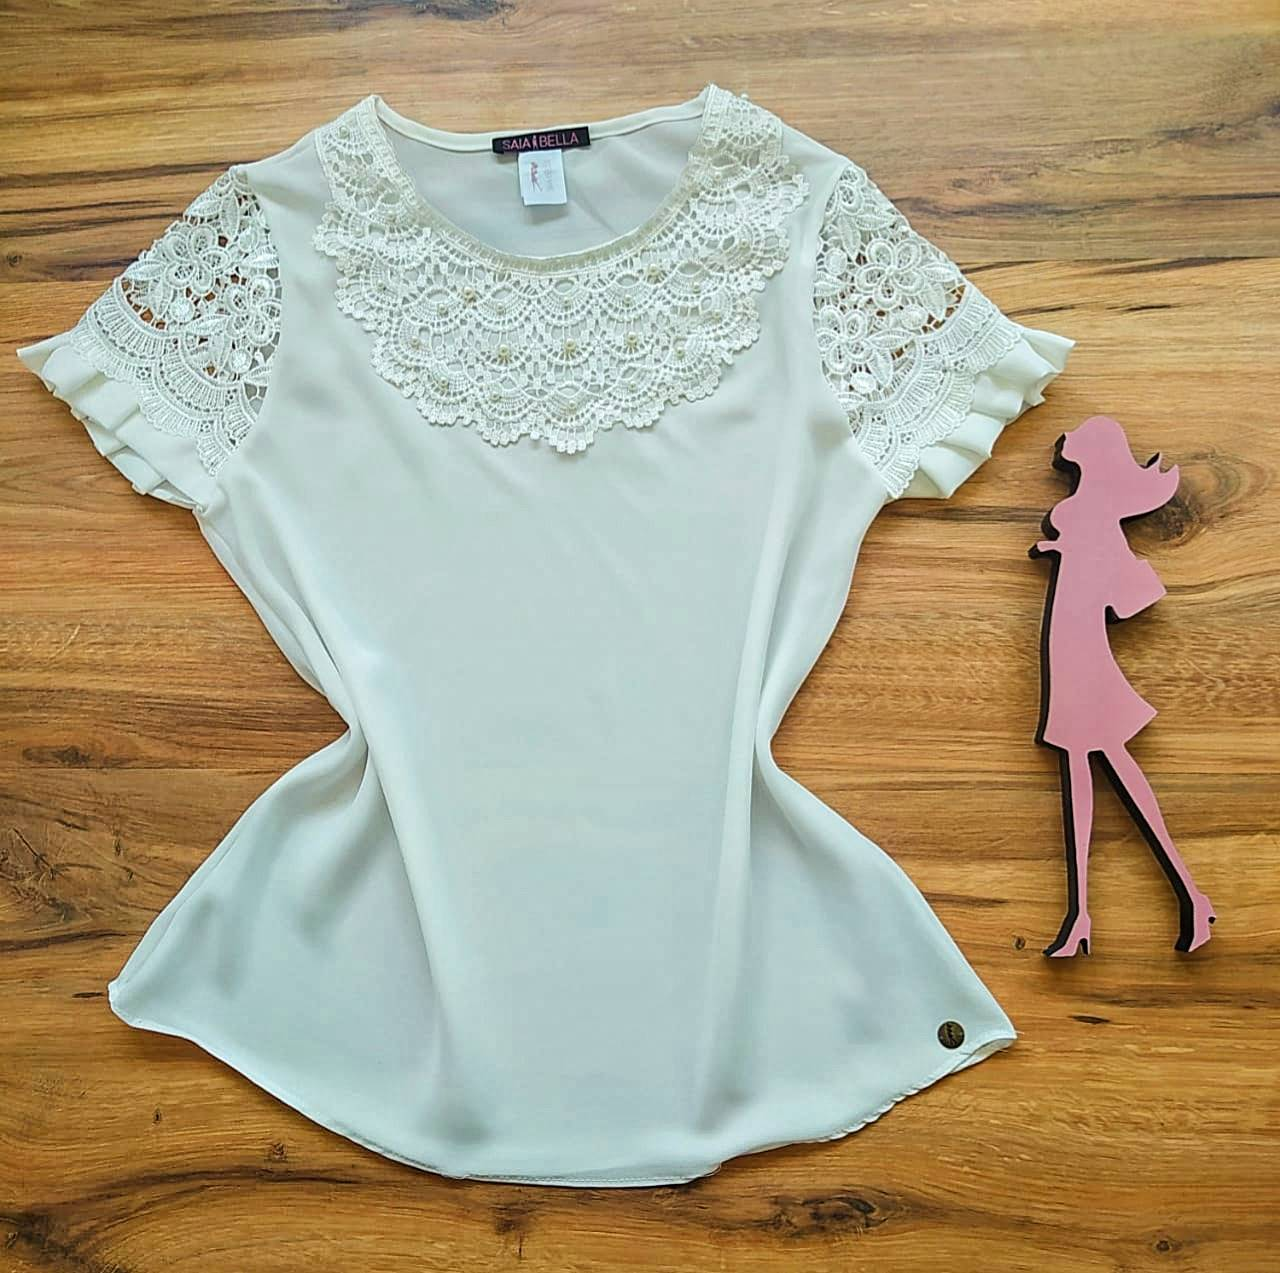 Blusa Estela de Renda Saia Bella - SB79904 Branco